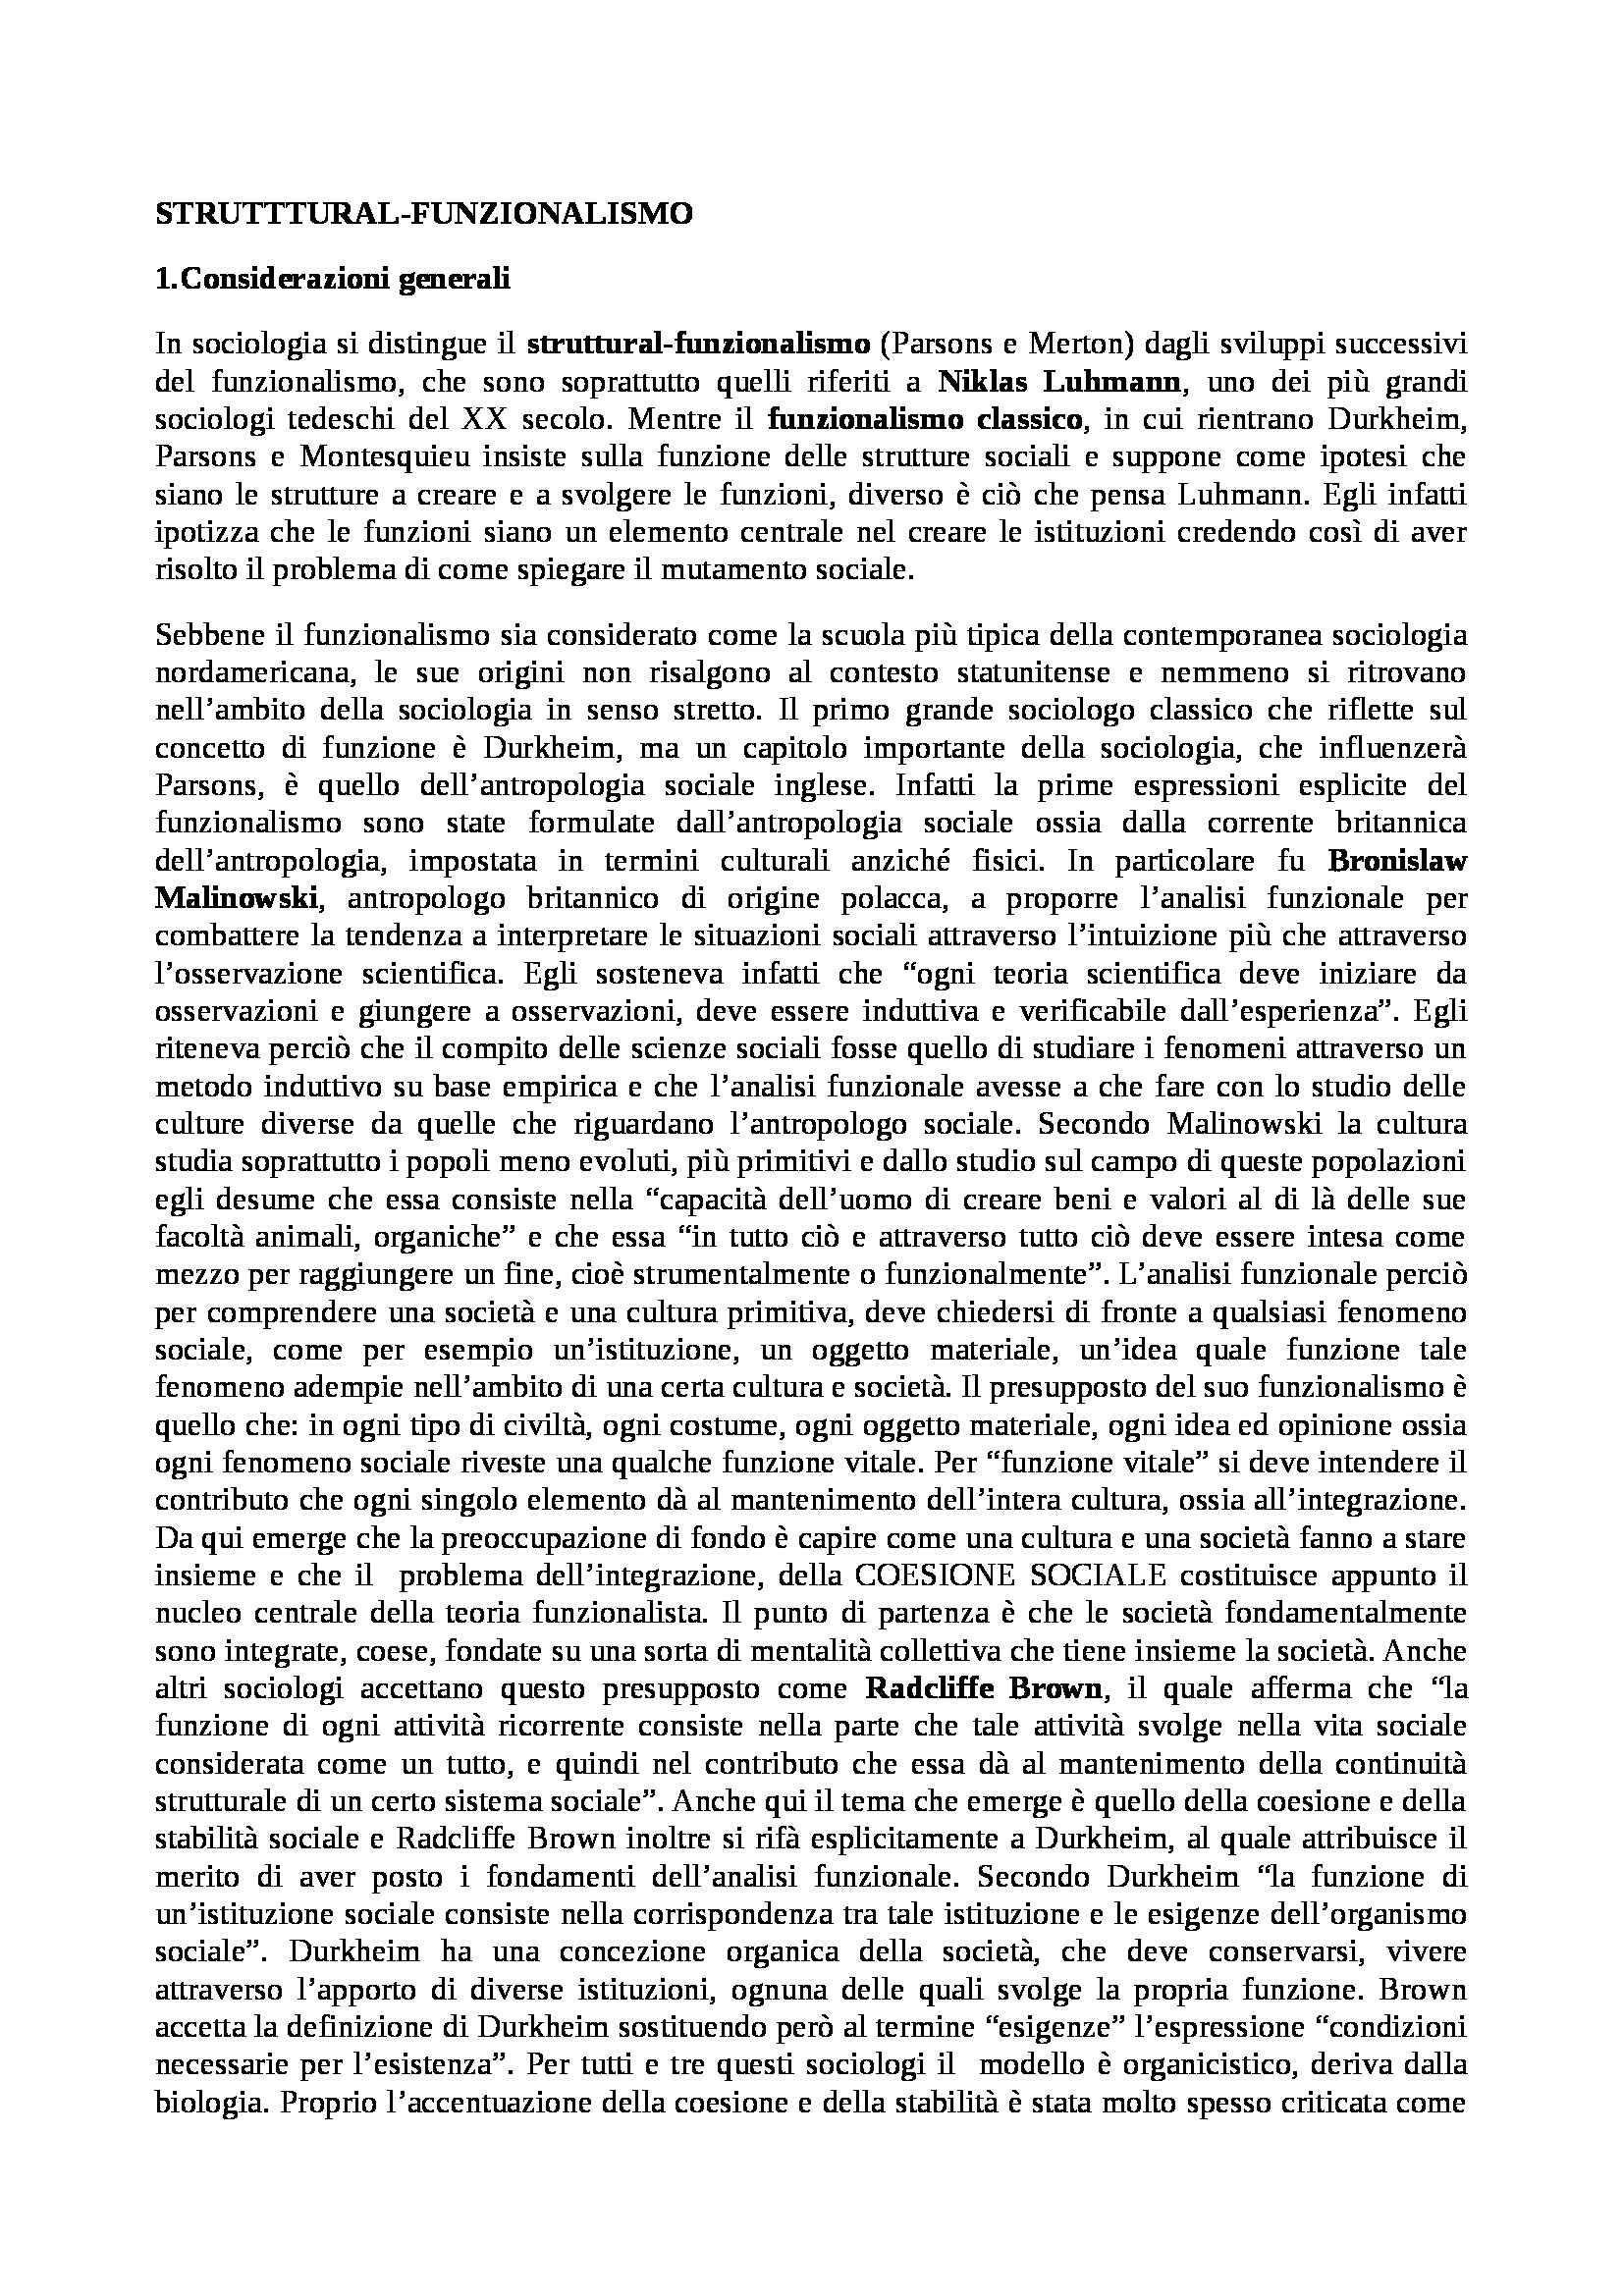 Sociologia dei processi culturali - Appunti